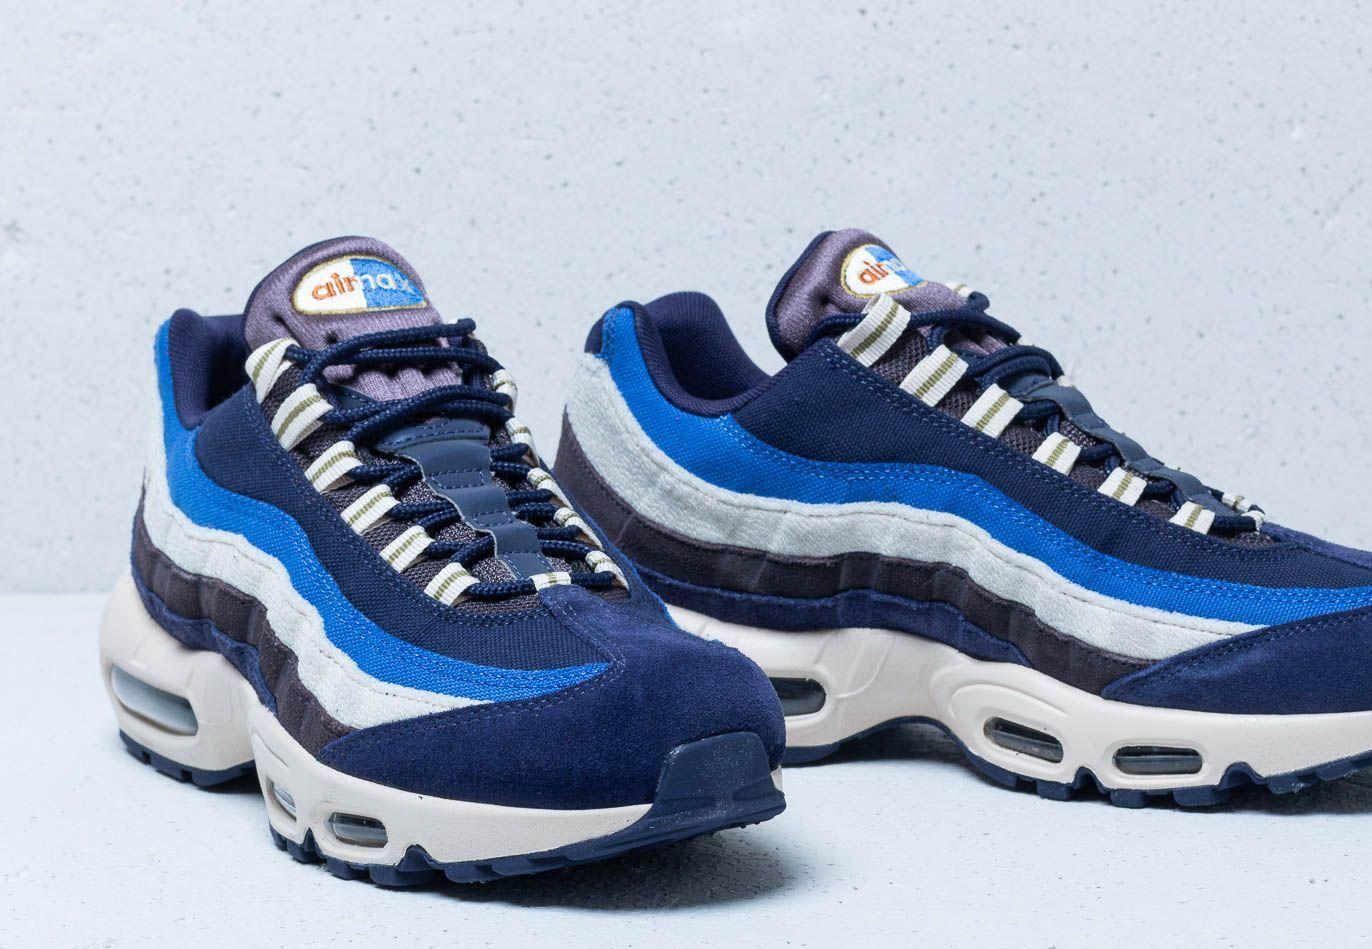 blackened blue air max 95